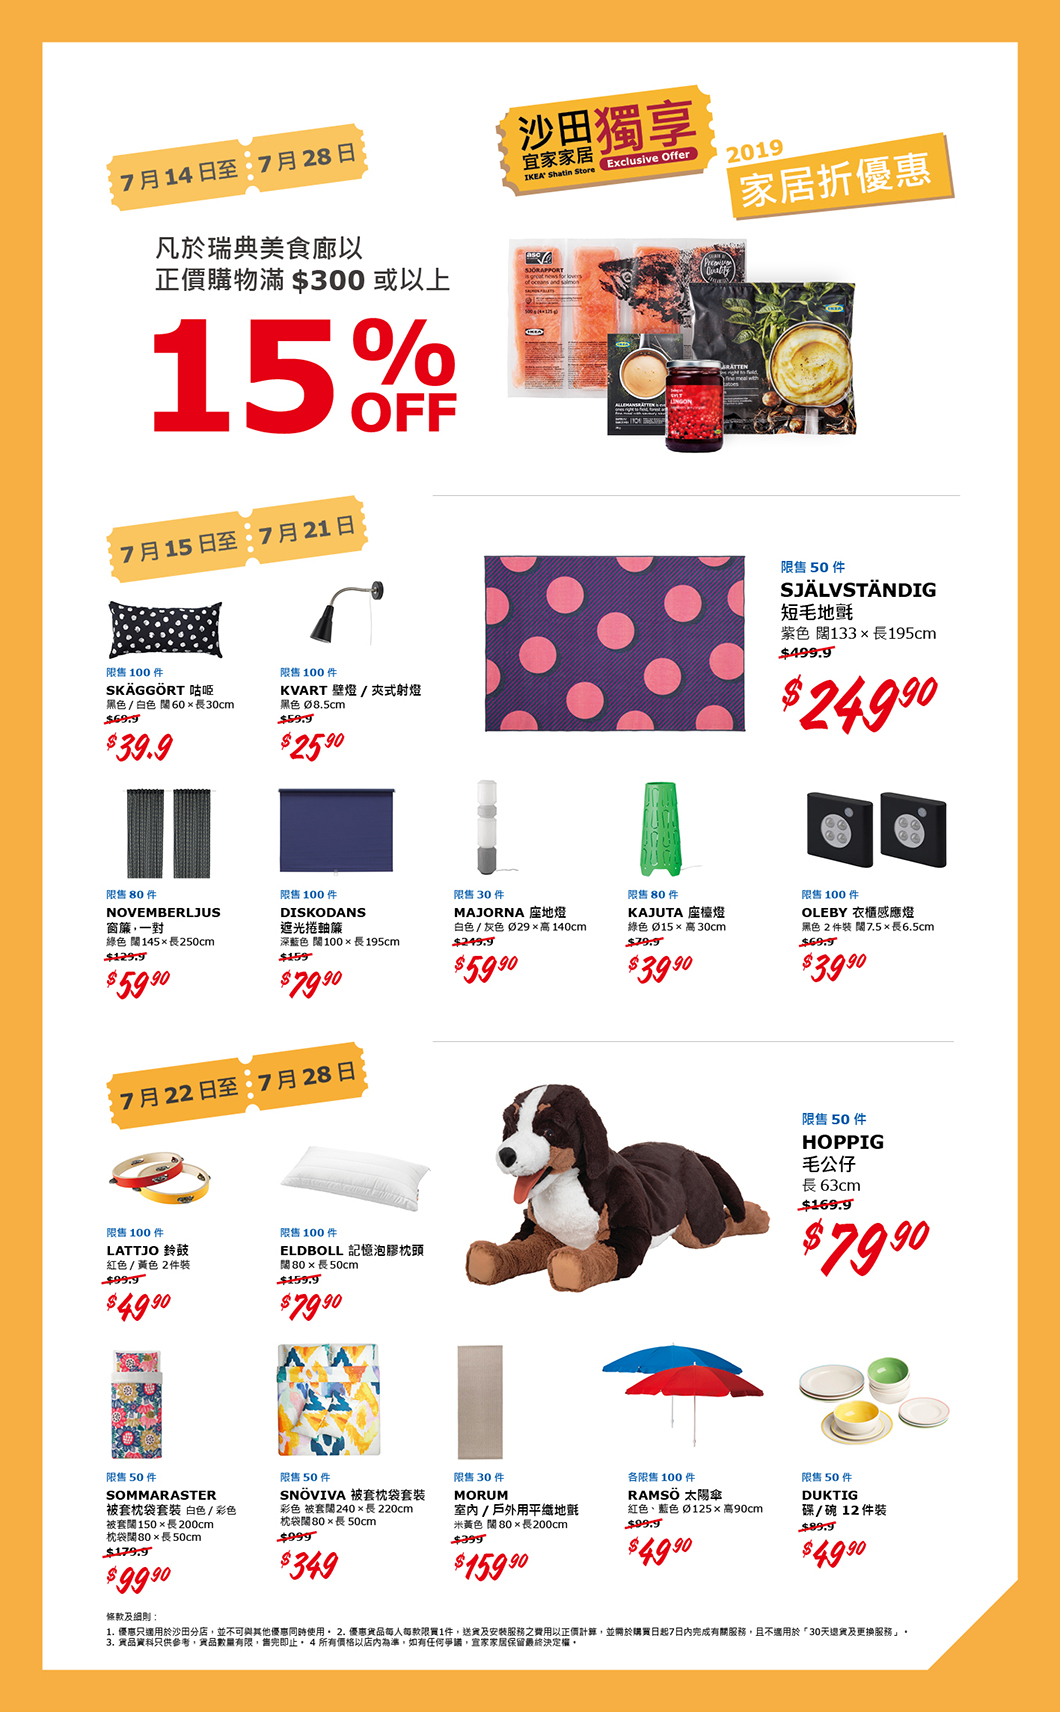 ikea-shatin-smart-buy-0714-0728